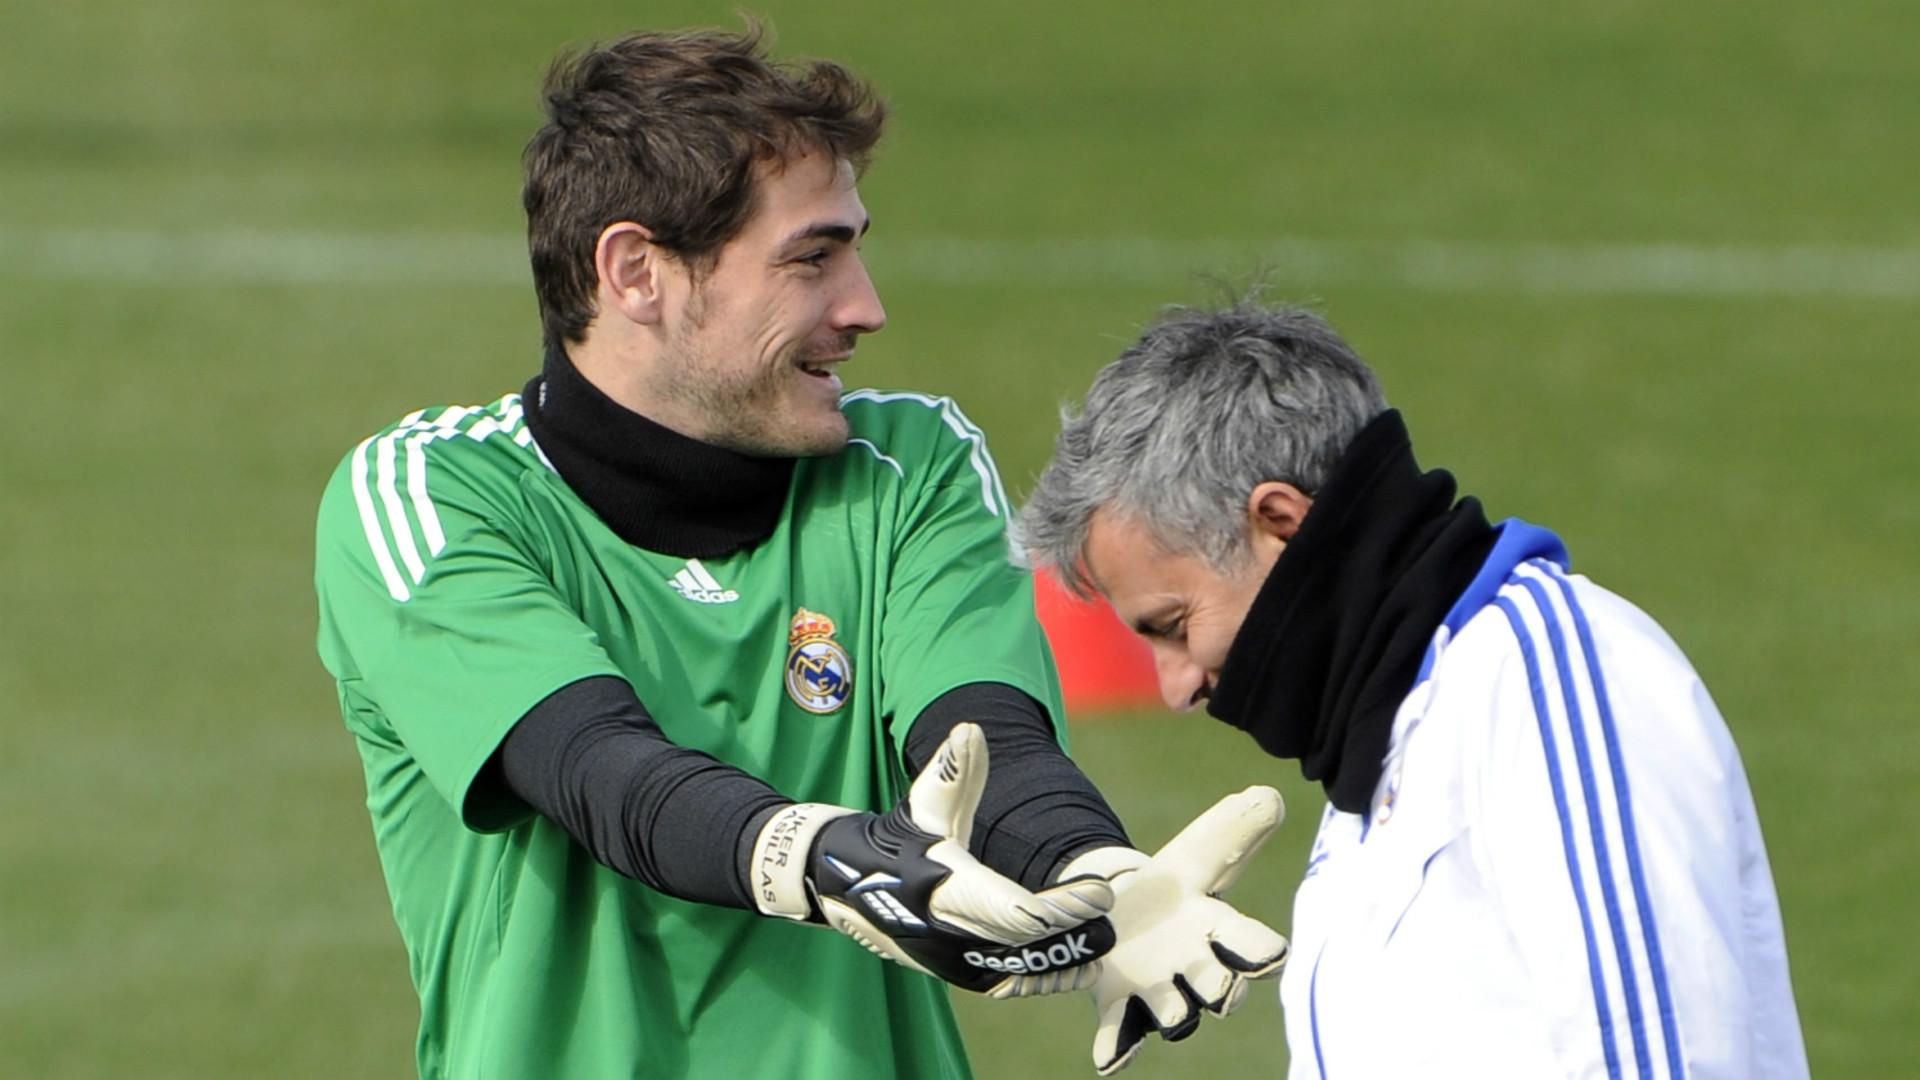 """Jose Mourinho yakin Iker Casillas berusaha """"diam-diam"""" menantang otoritasnya selama waktu mereka bersama di Real Madrid."""